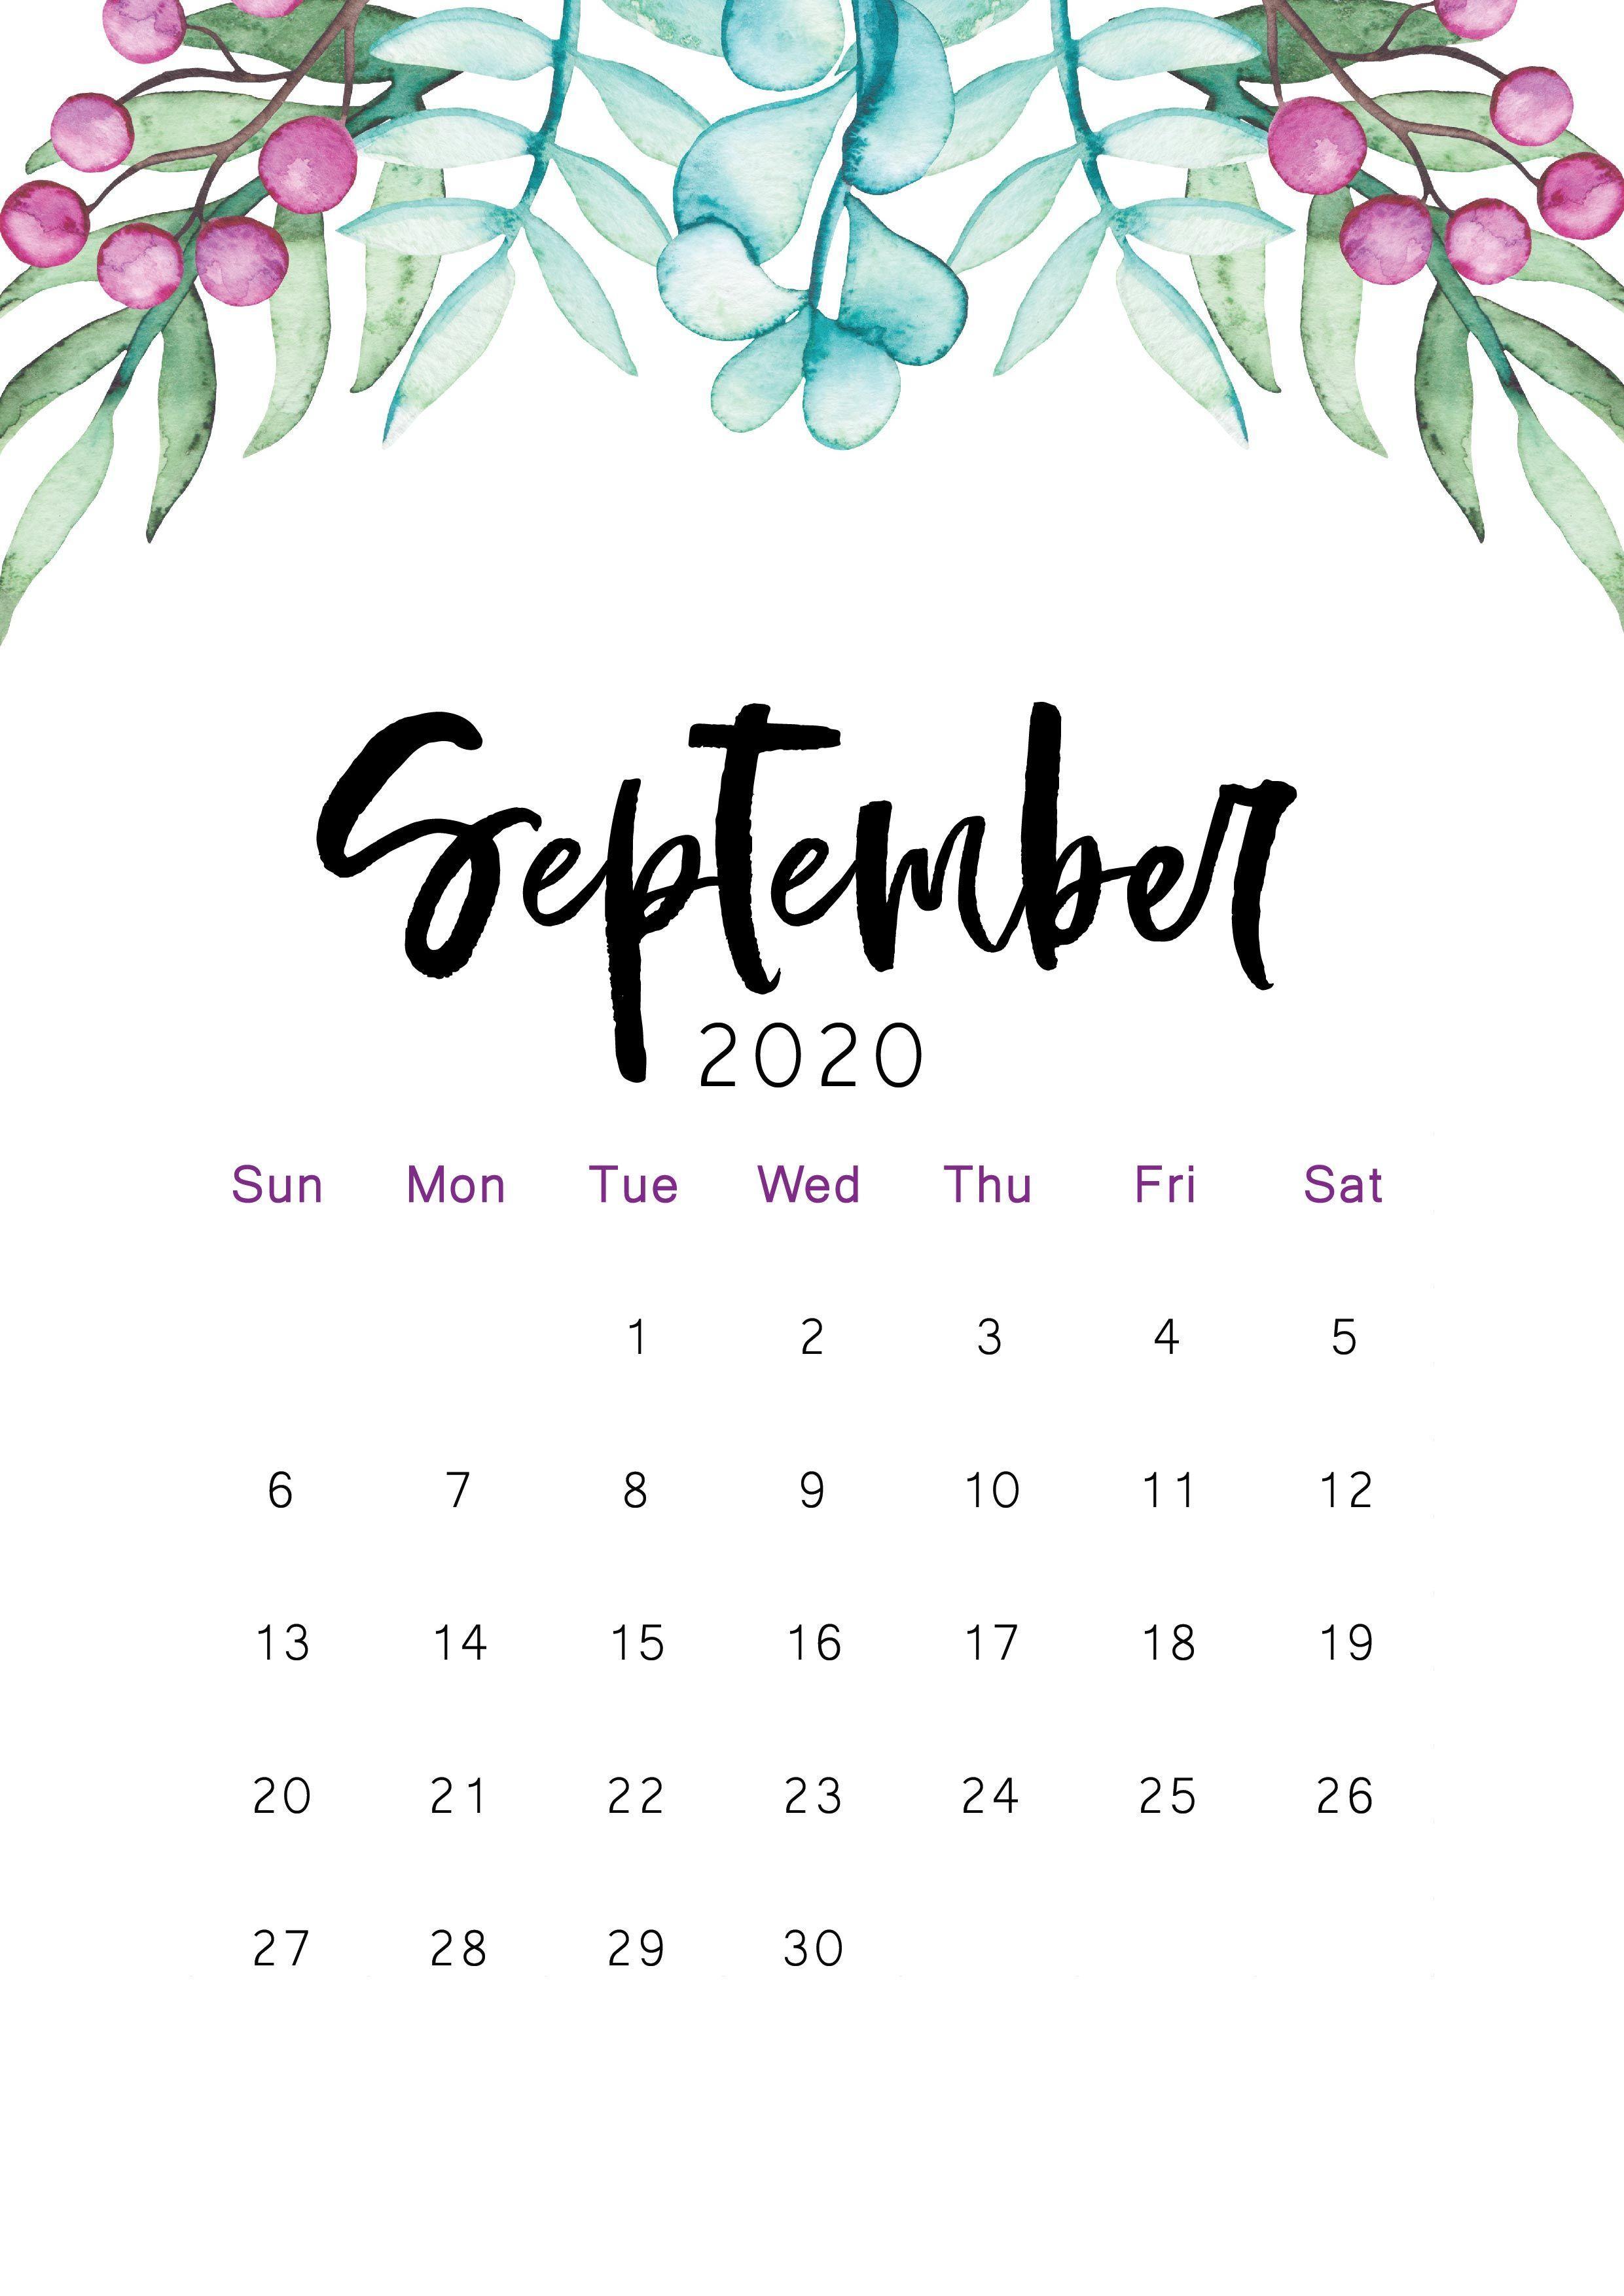 September 2020 Calendar Wallpapers Top Free September 2020 Calendar Backgrounds Wallpaperaccess